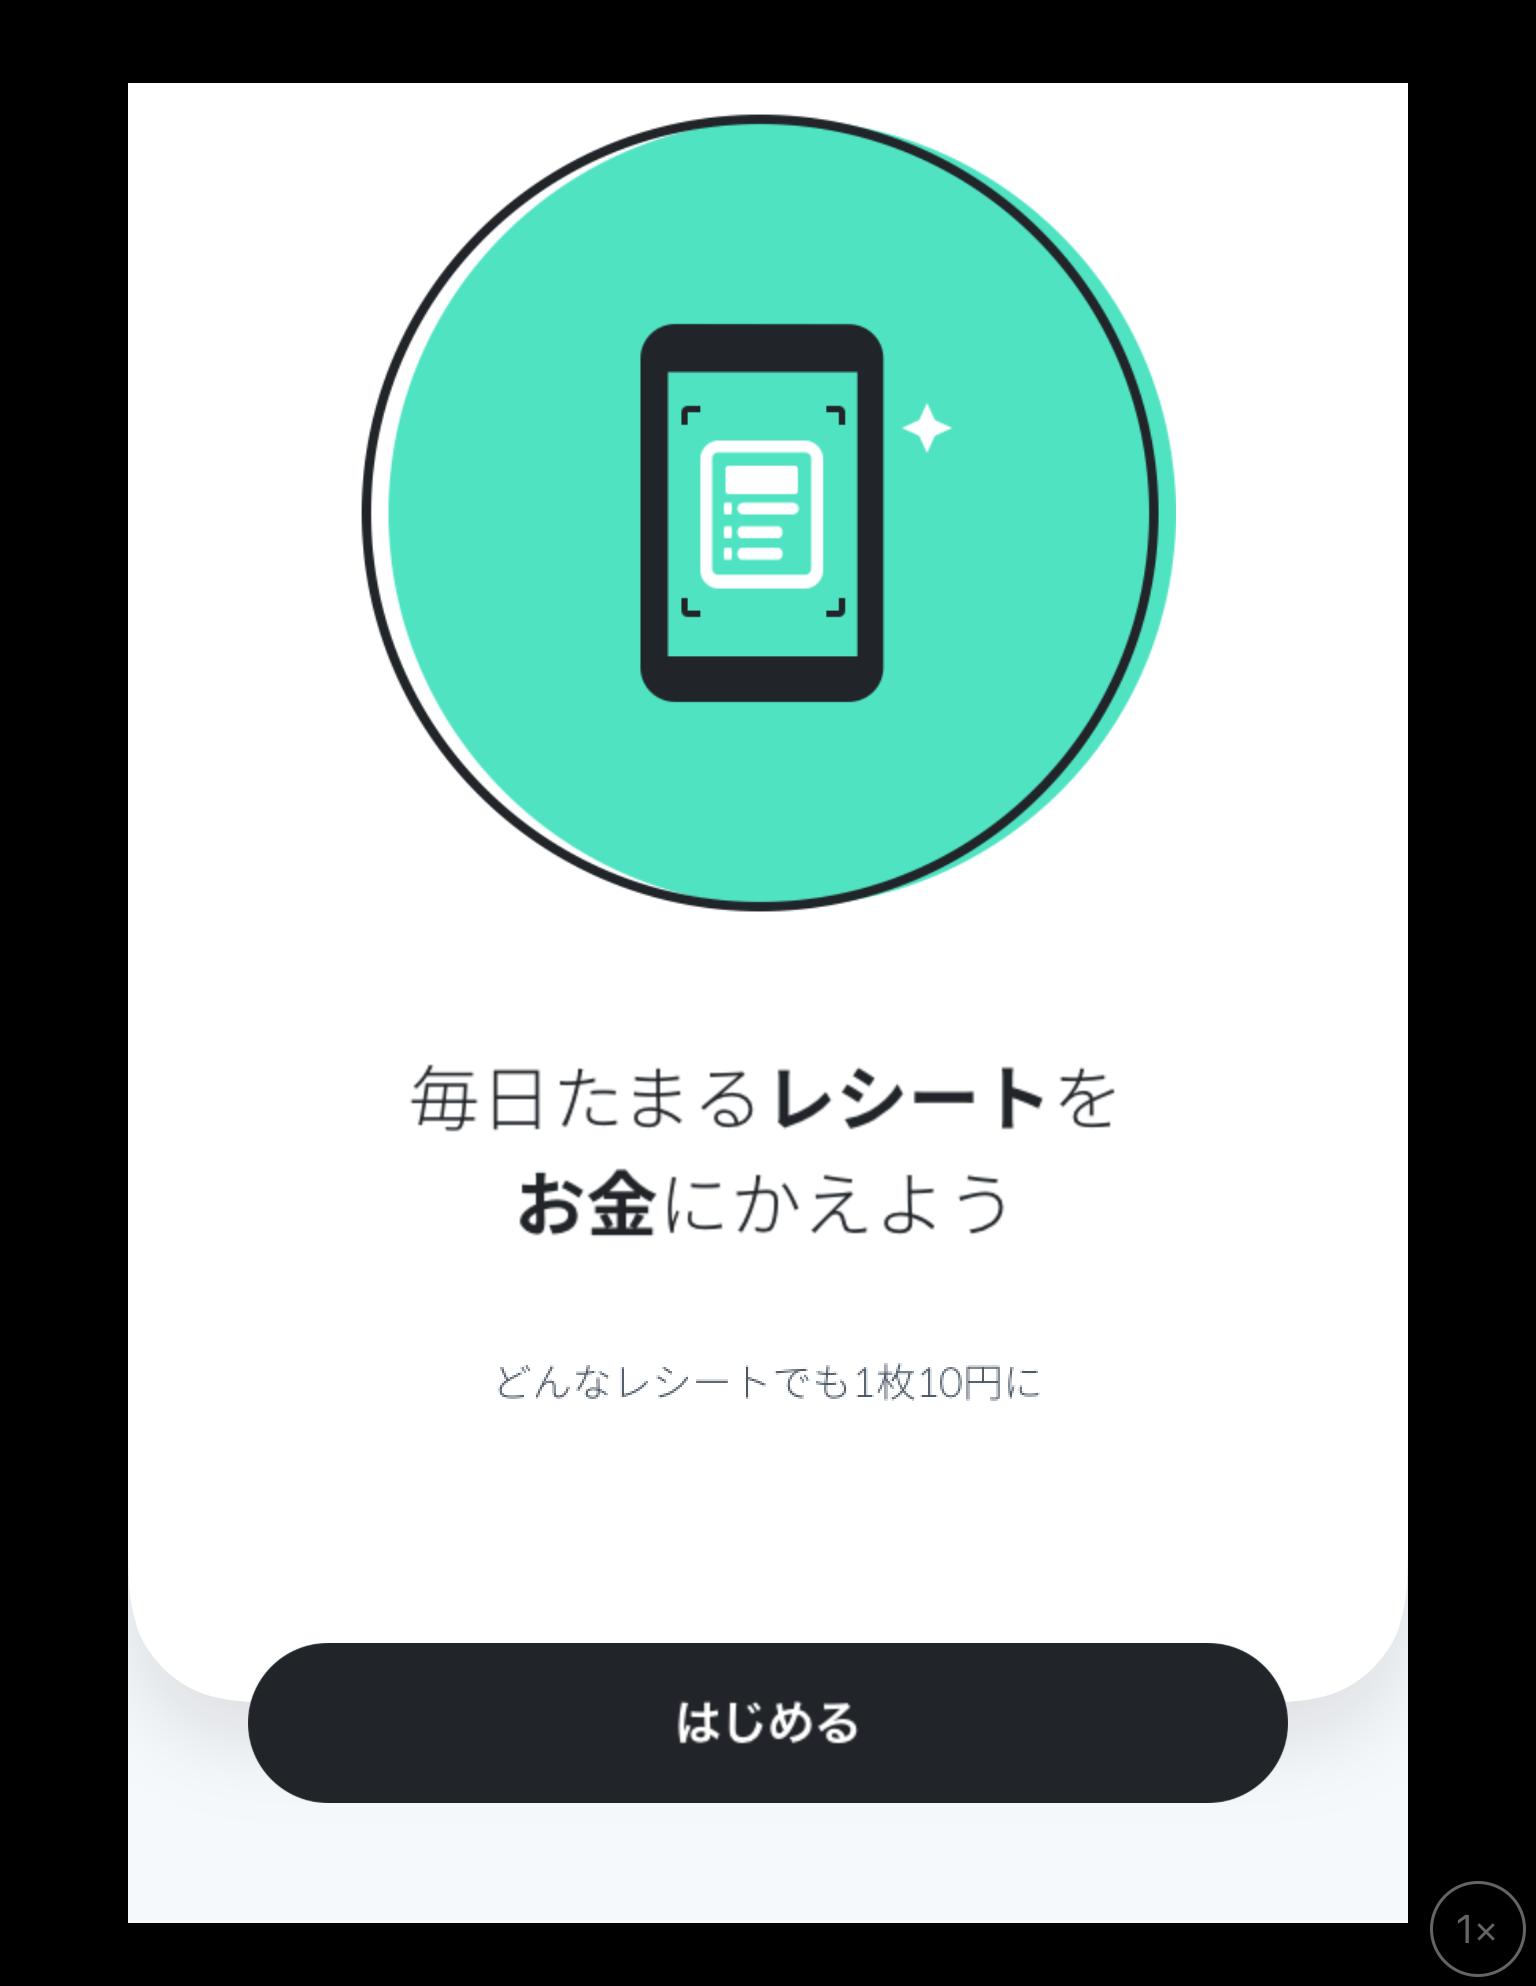 レシート1枚を10円にかえるアプリ「ONE」の初期画面